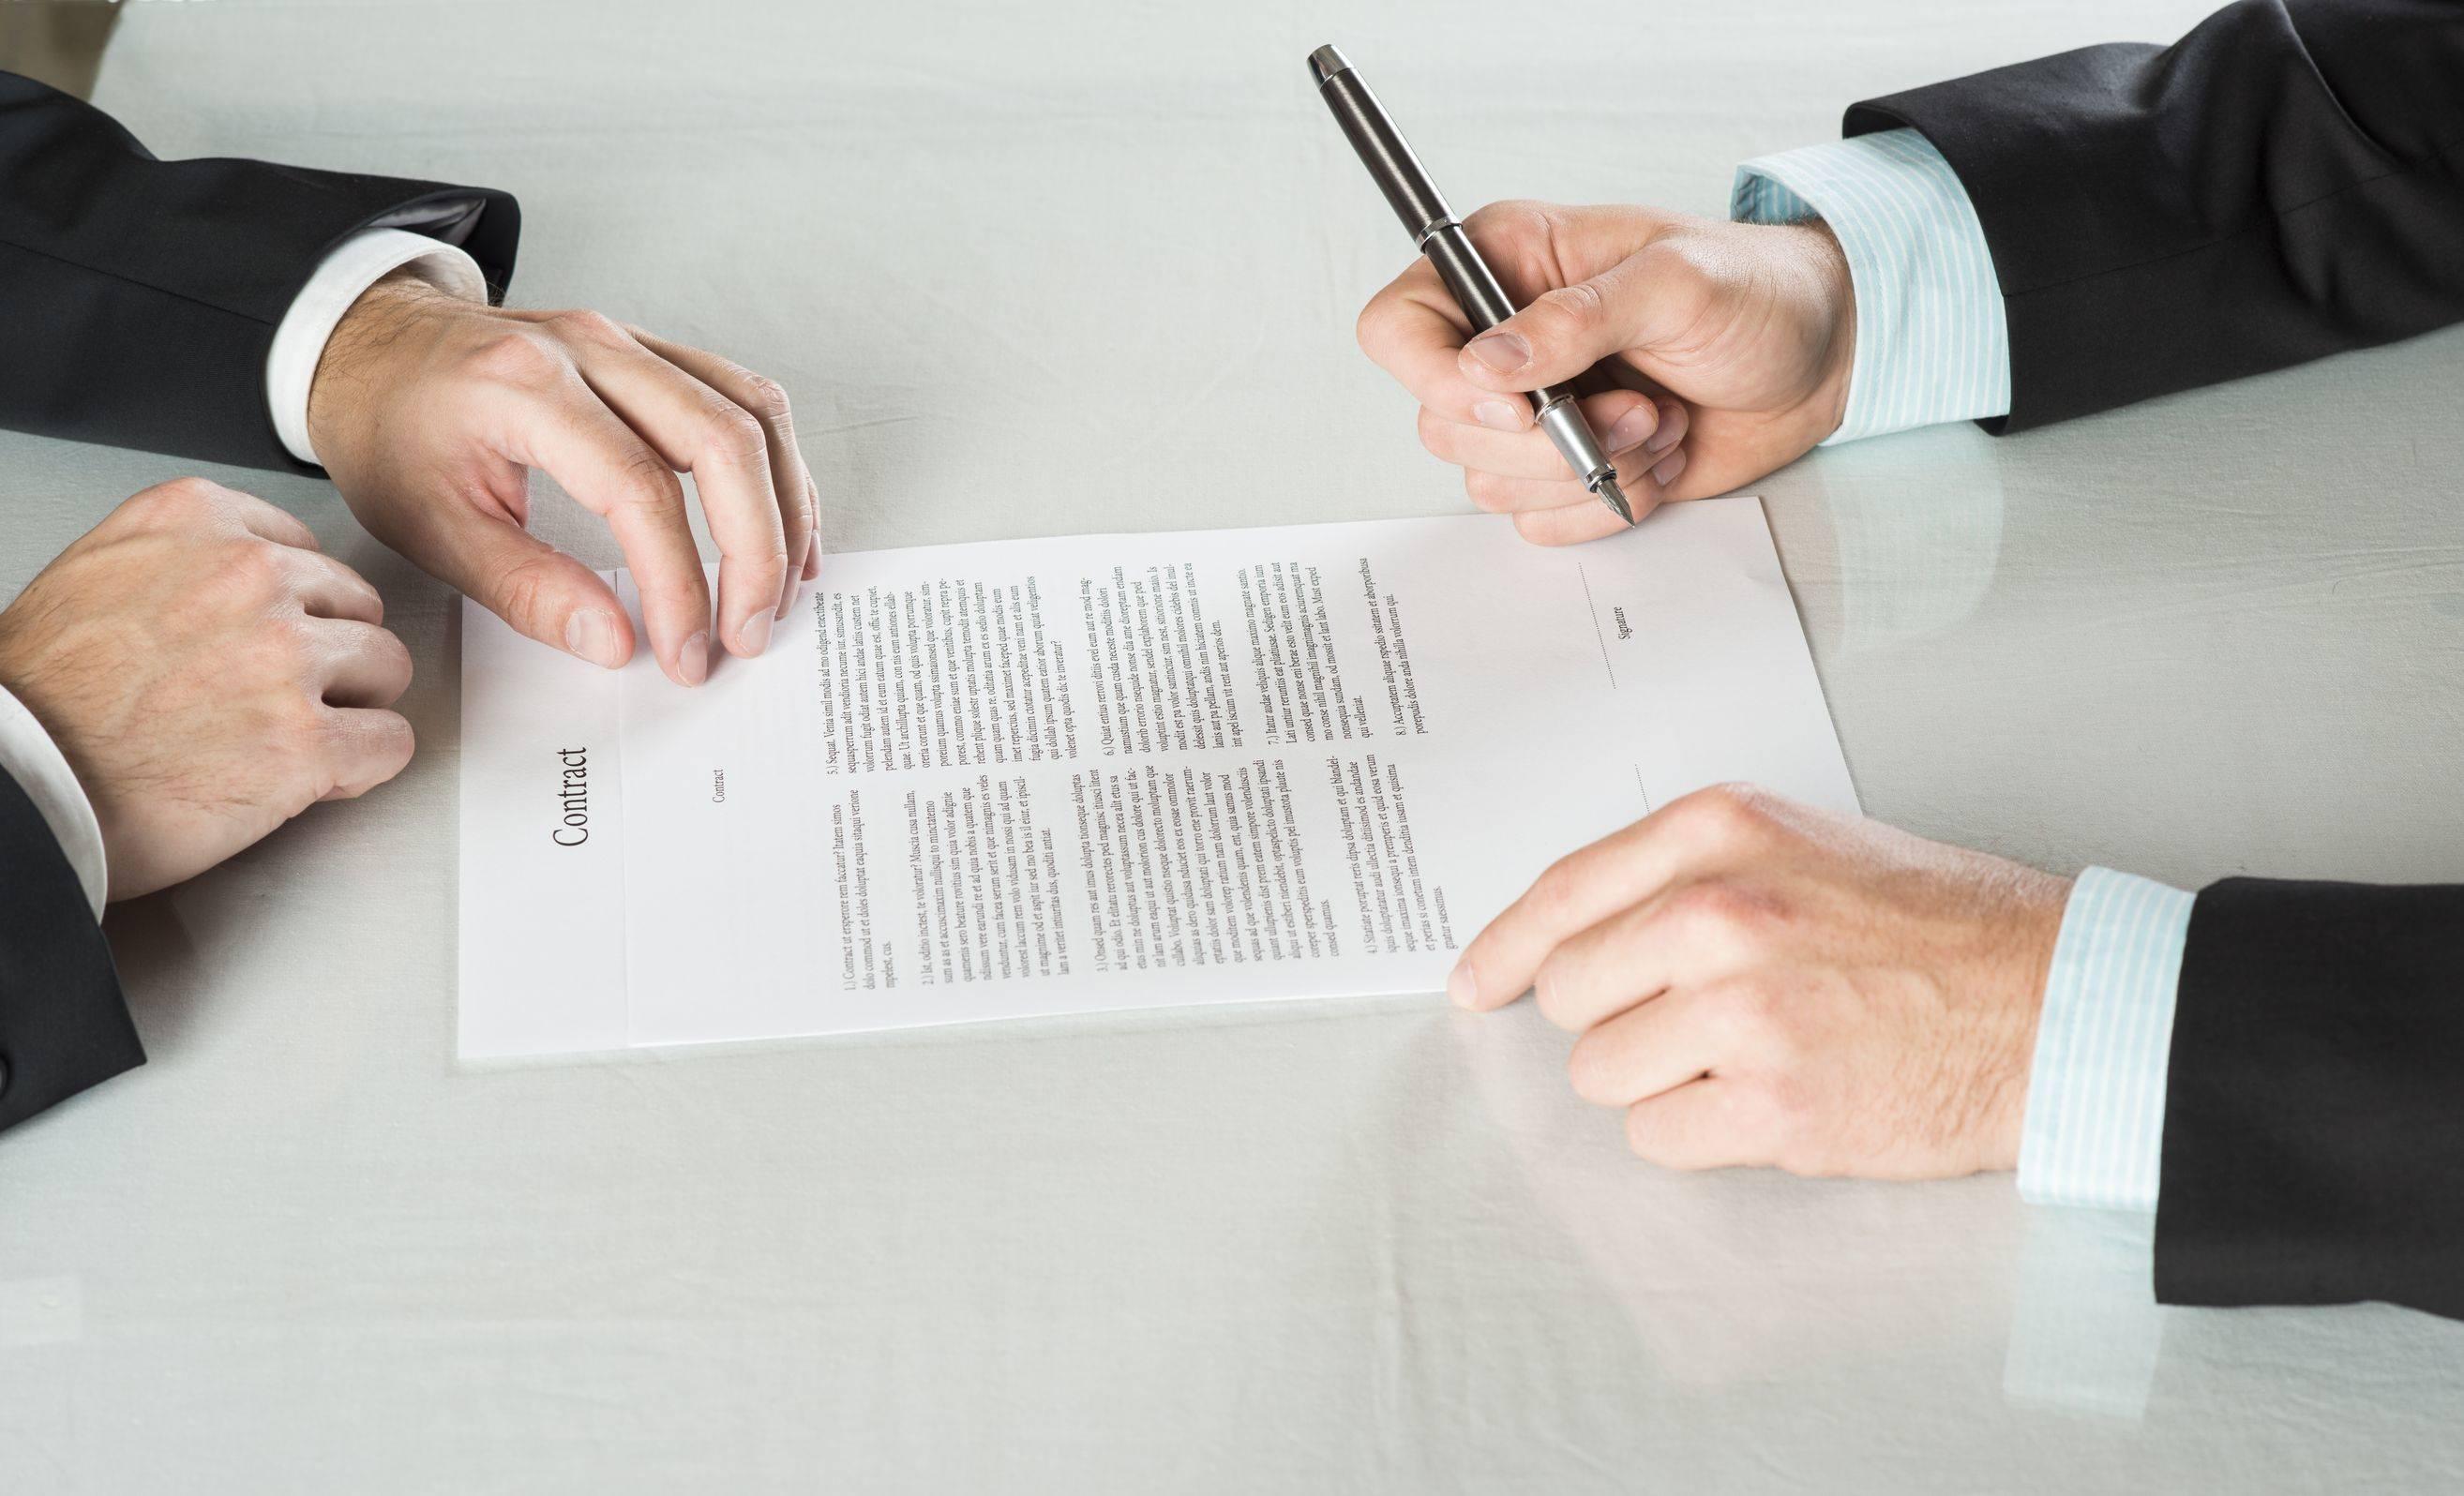 Договор аренды юридического адреса 2019 образец скачать